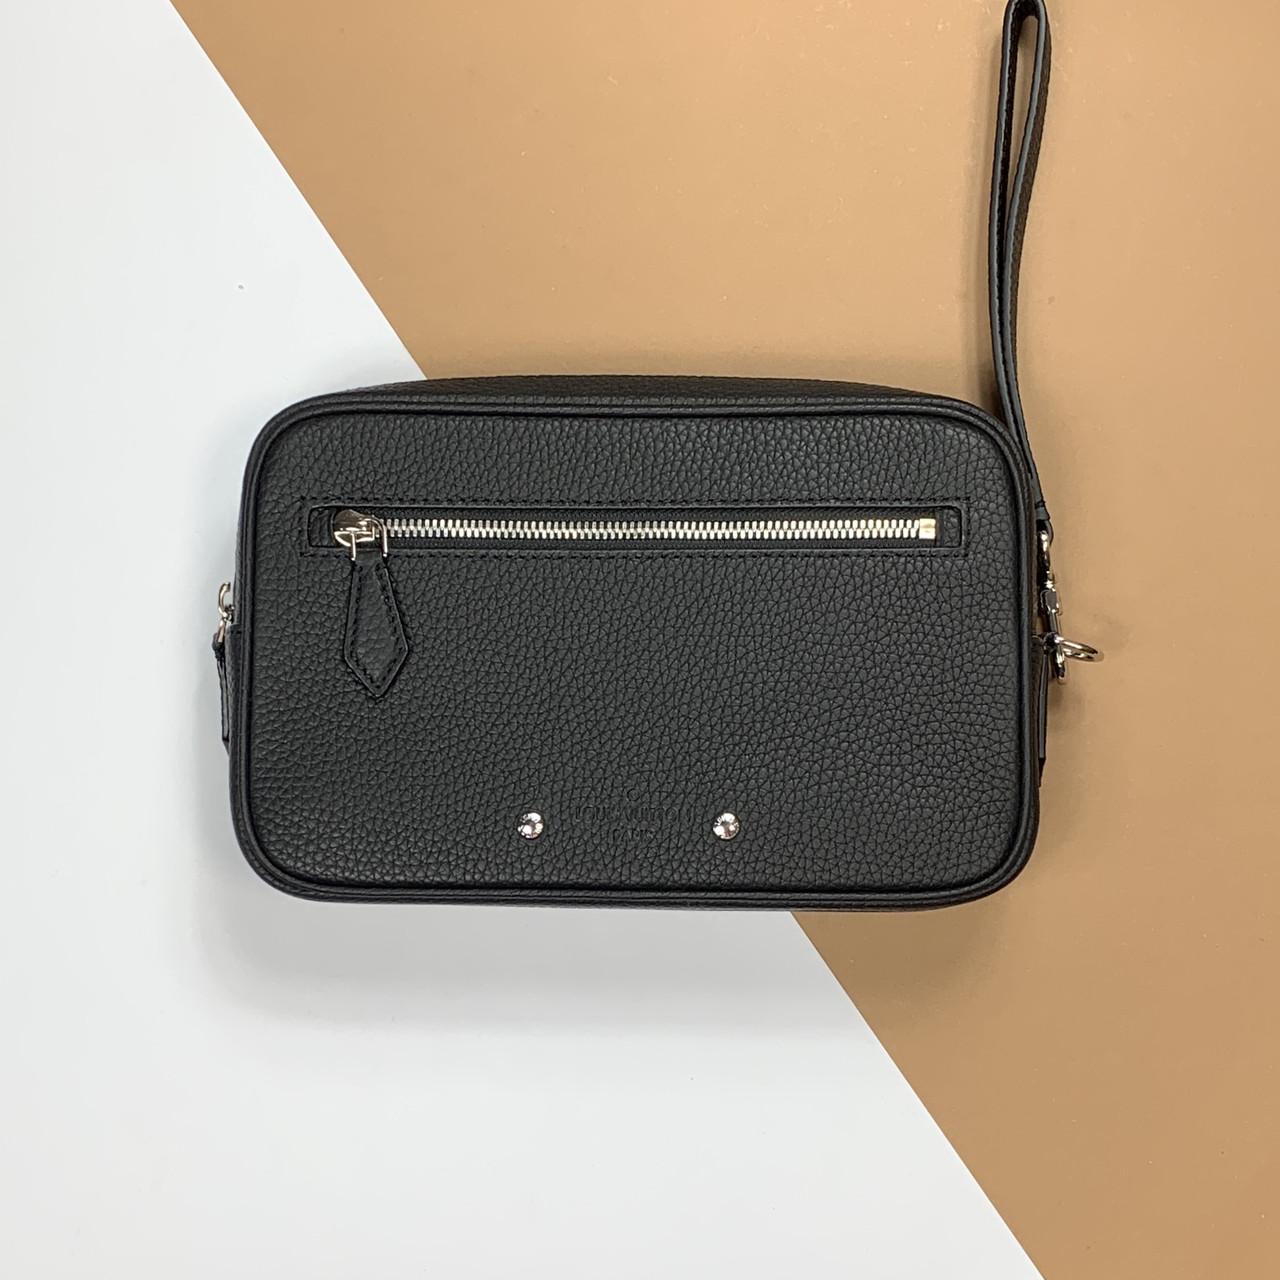 Клатч Kasai Louis Vuitton Taurillon (Луи Виттон Касай) арт. 14-13